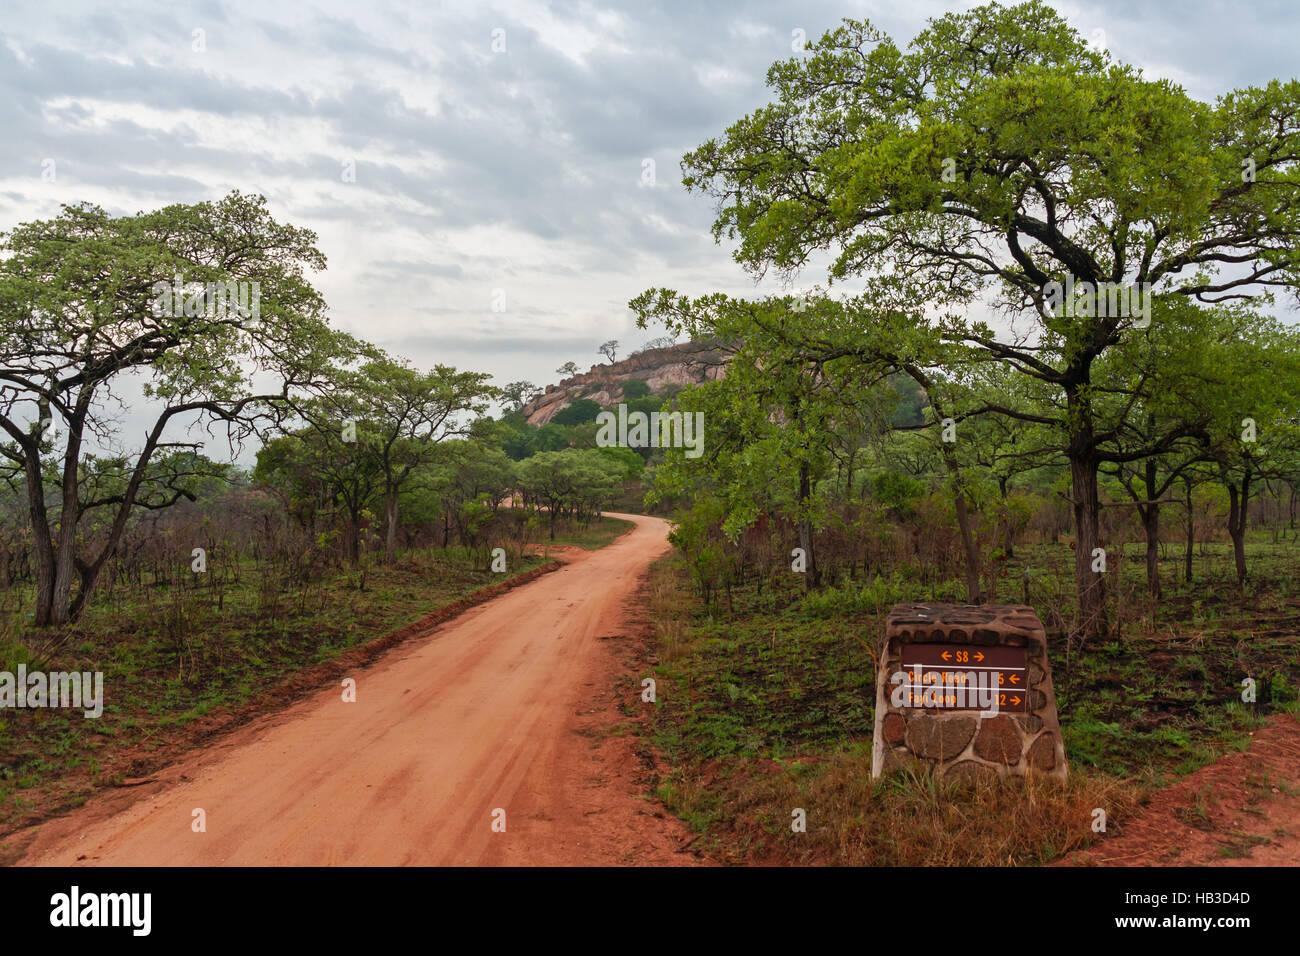 Bushland - Stock Image